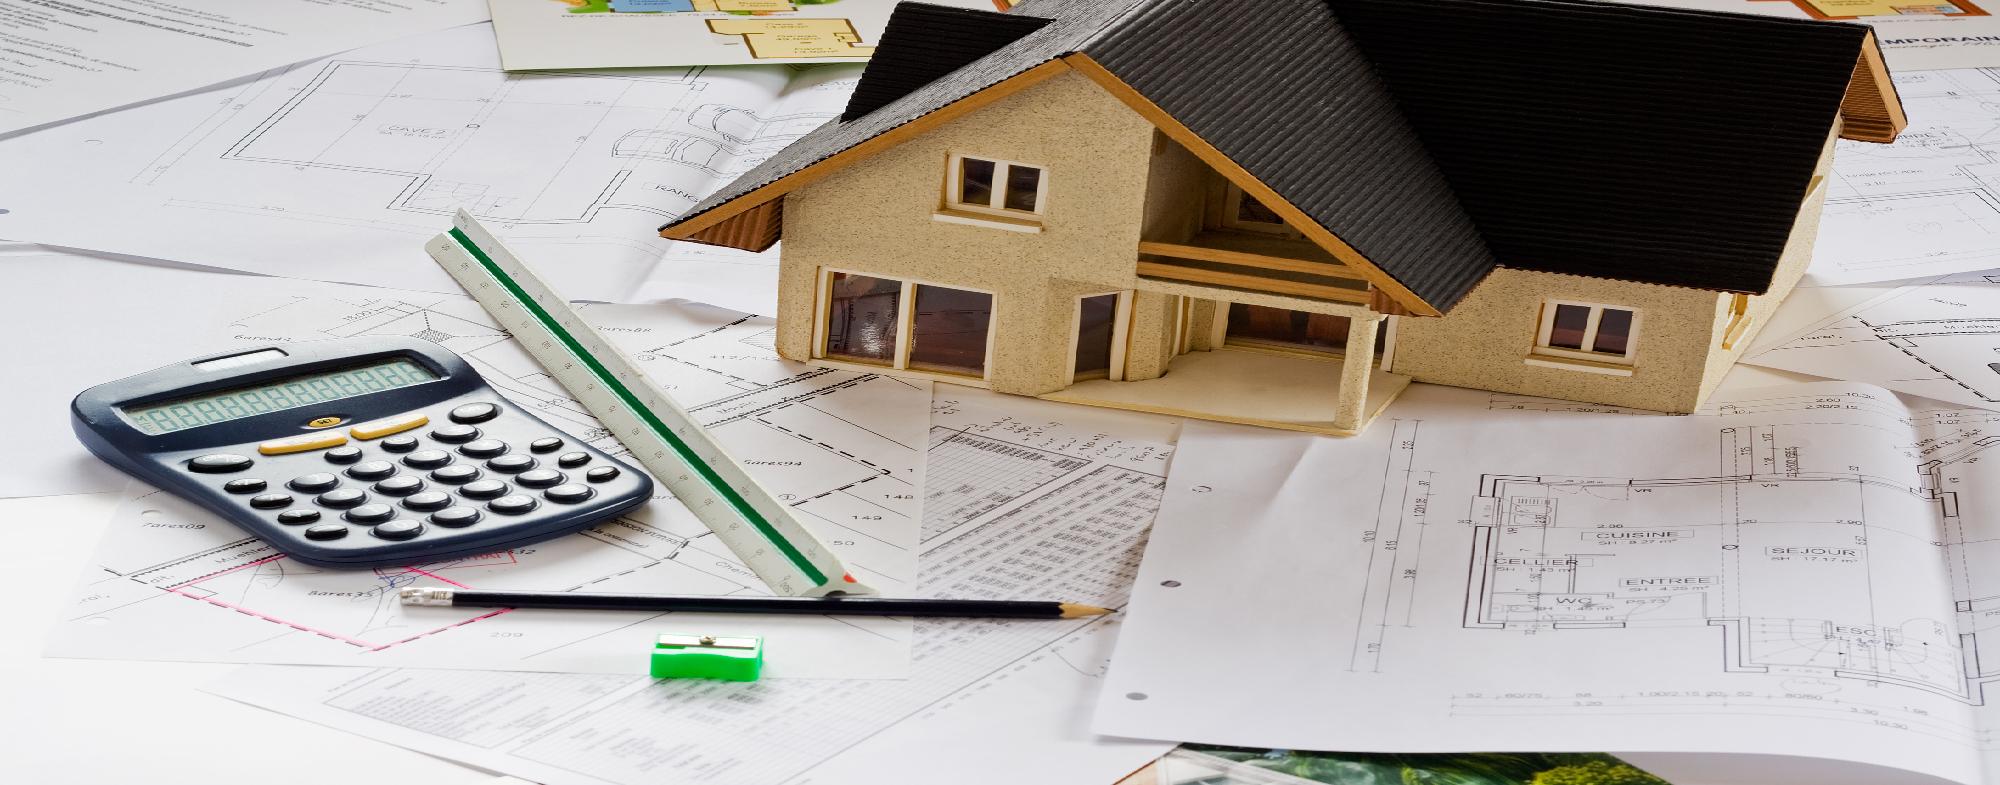 10 conseils pour bien r ussir son achat immobilier neuf for Loi achat immobilier neuf